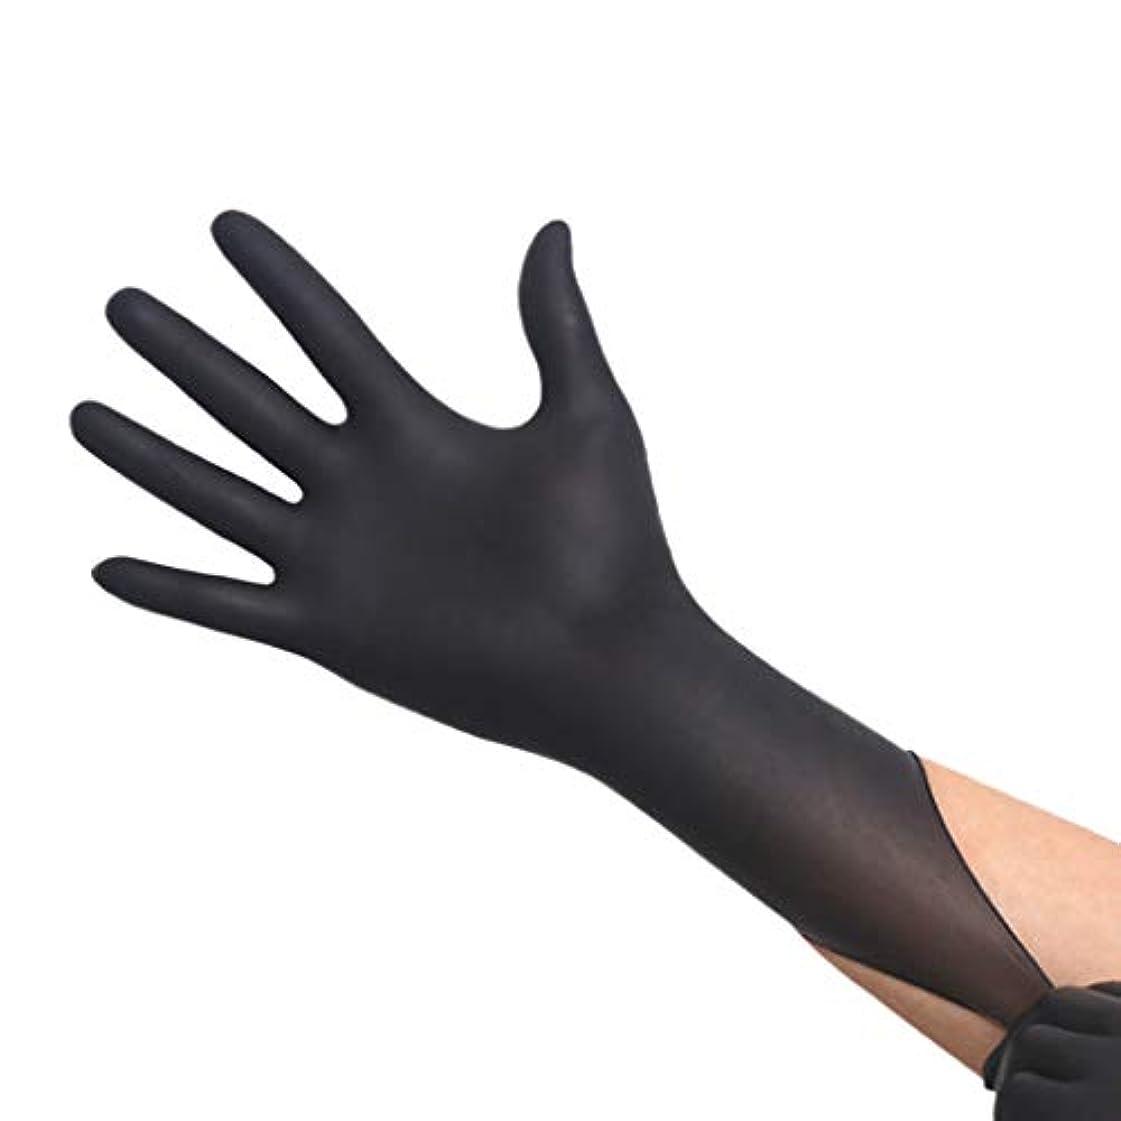 クック肌寒い葉巻厚手の耐摩耗性使い捨てブラックニトリル手袋 - 耐酸性美容サロン手袋、50ペア/箱 YANW (色 : ブラック, サイズ さいず : M m)